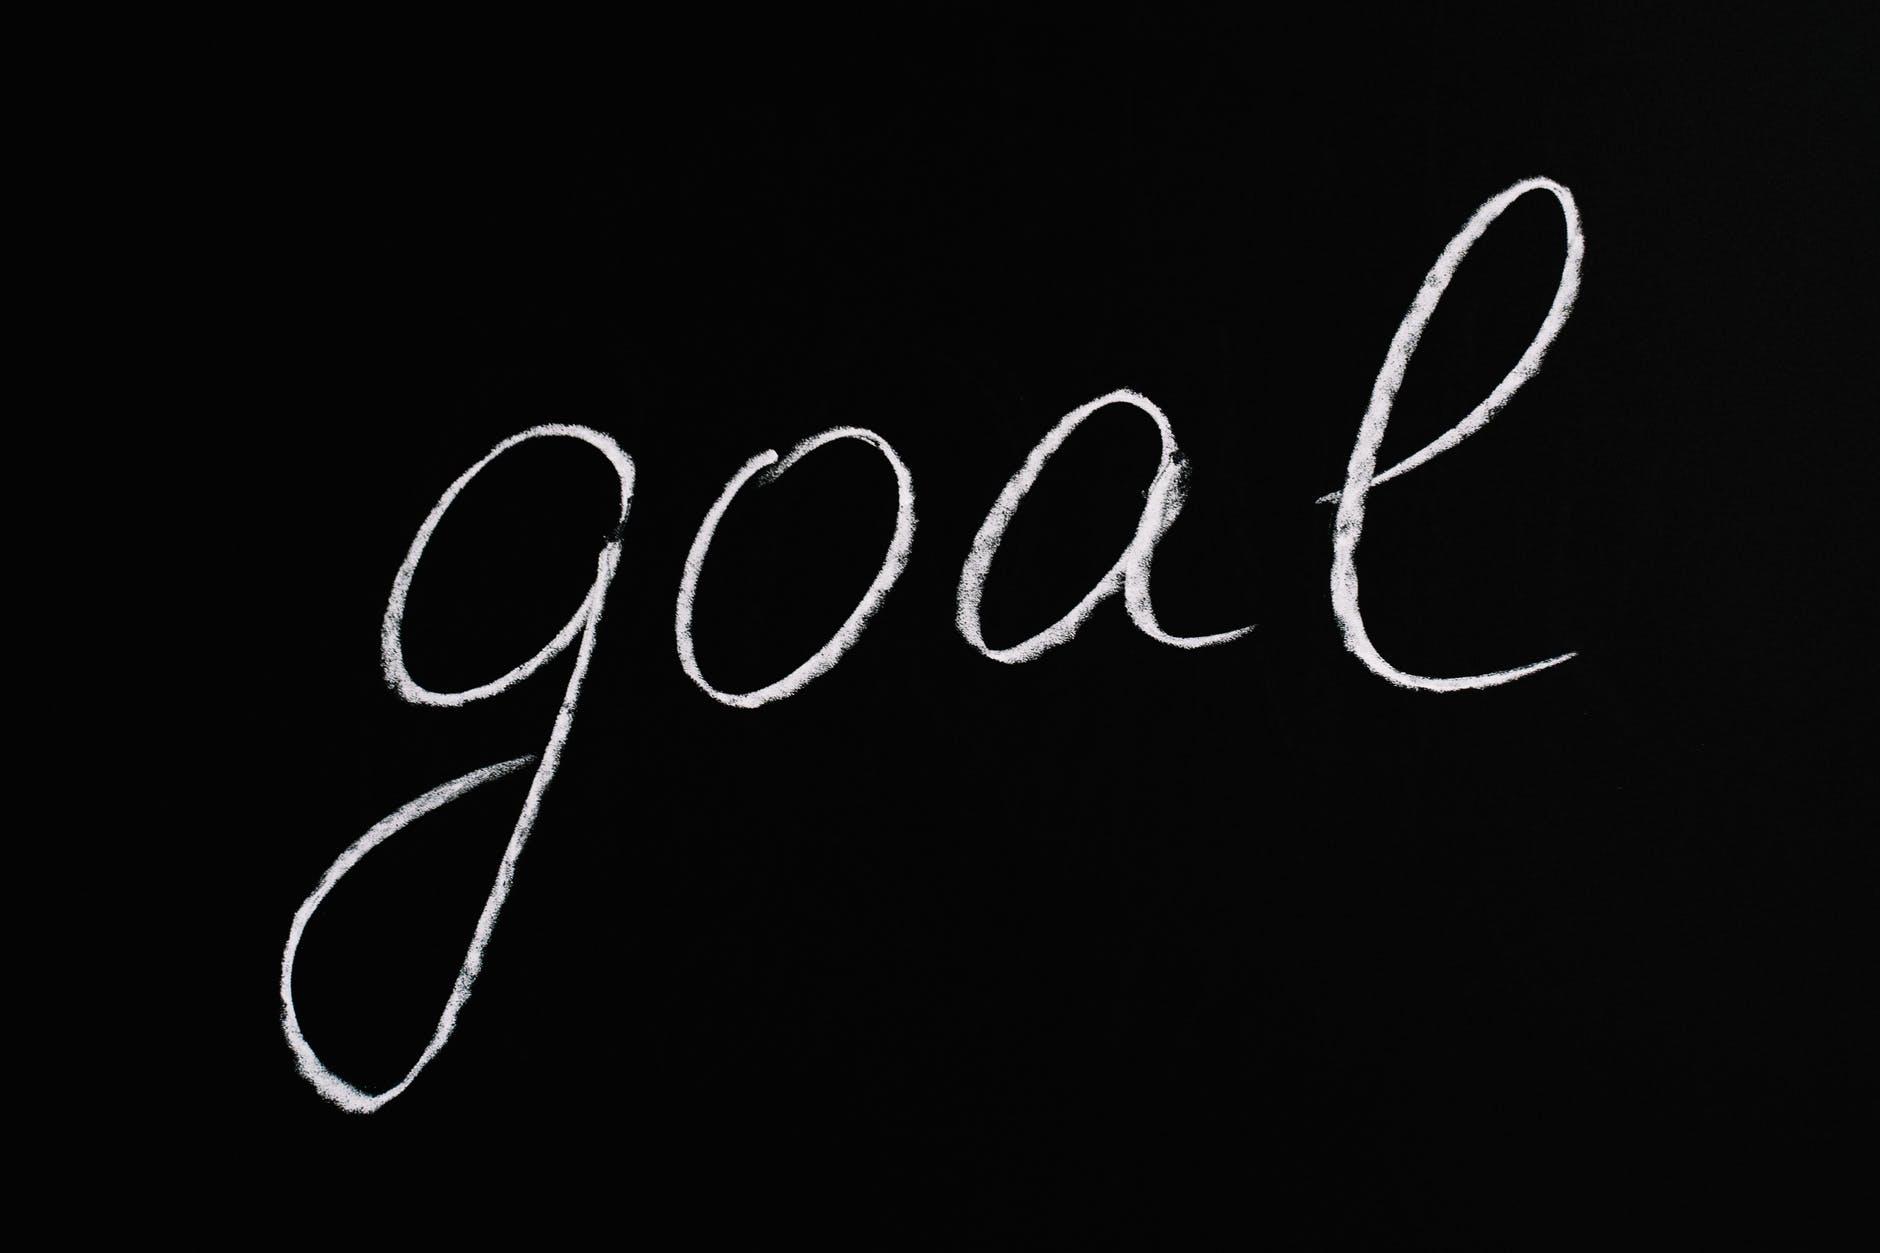 Set process goals